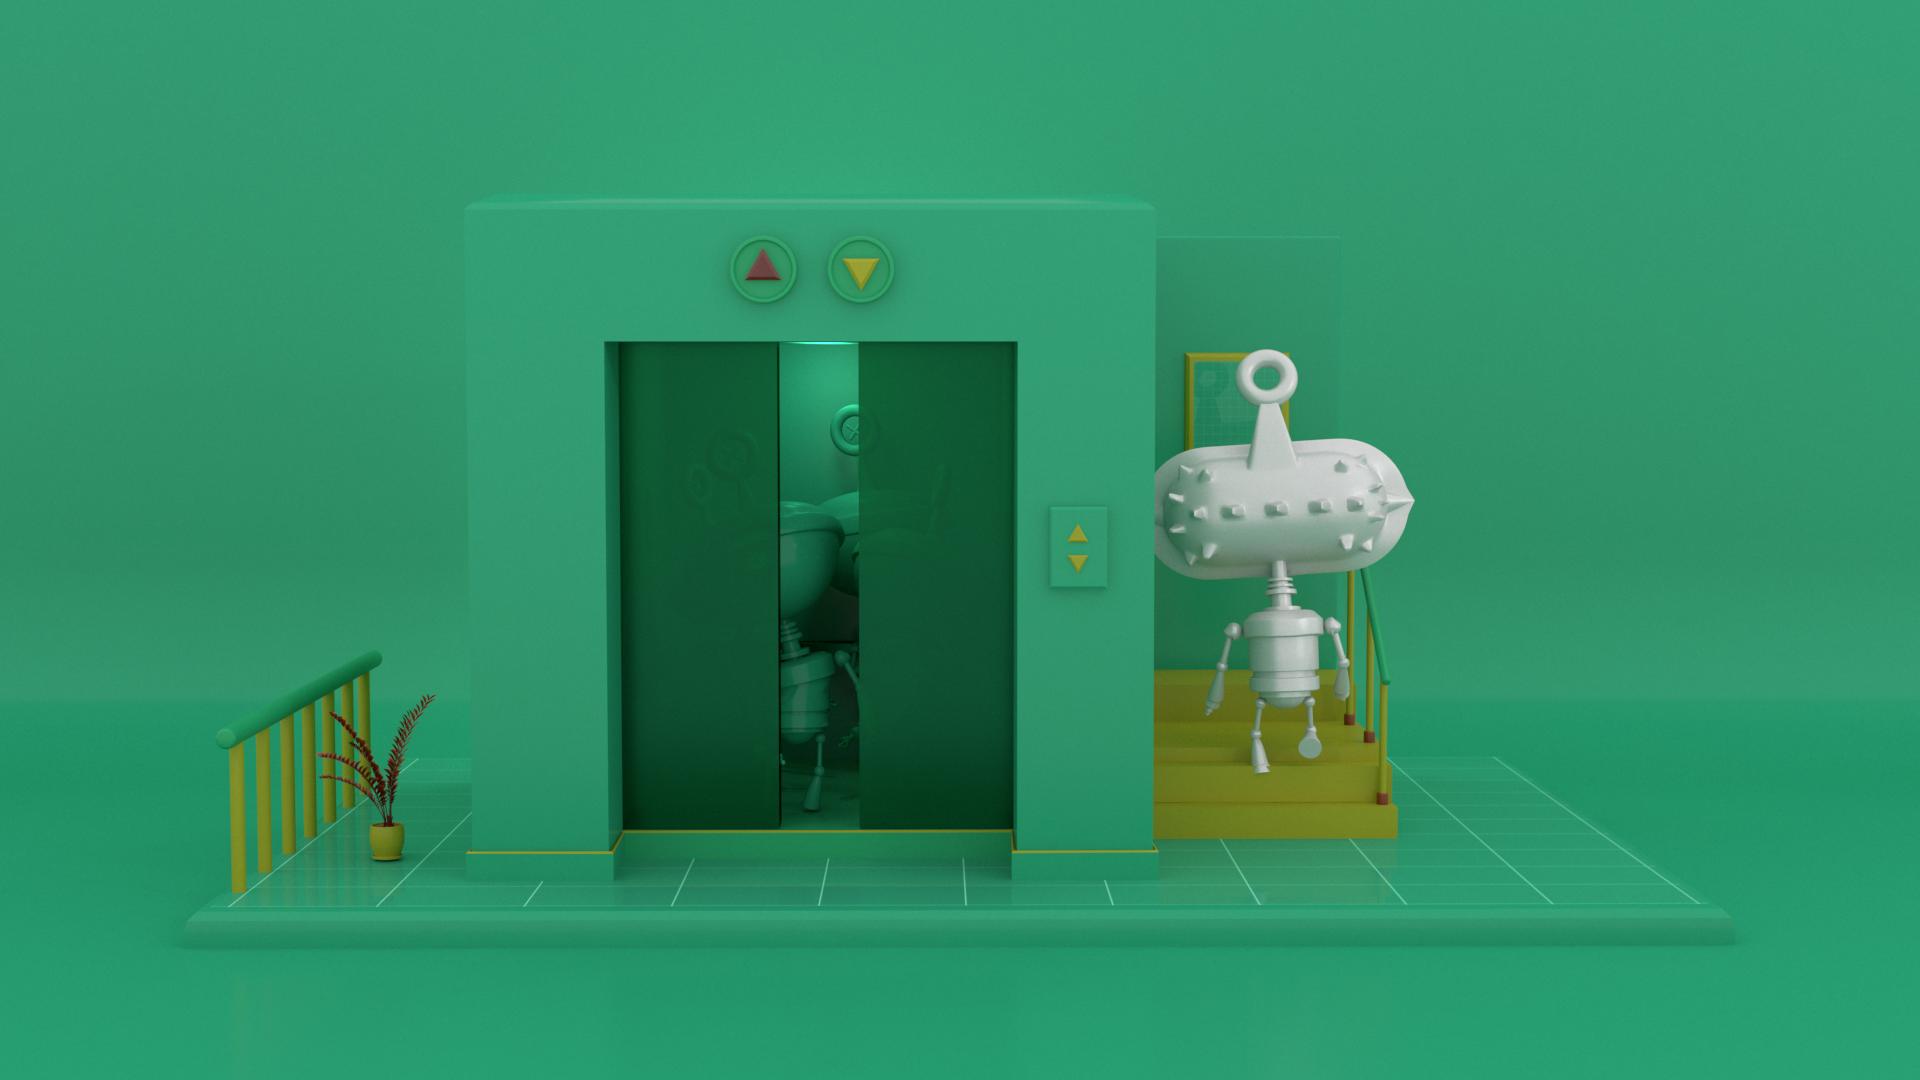 elevator03.0031.png